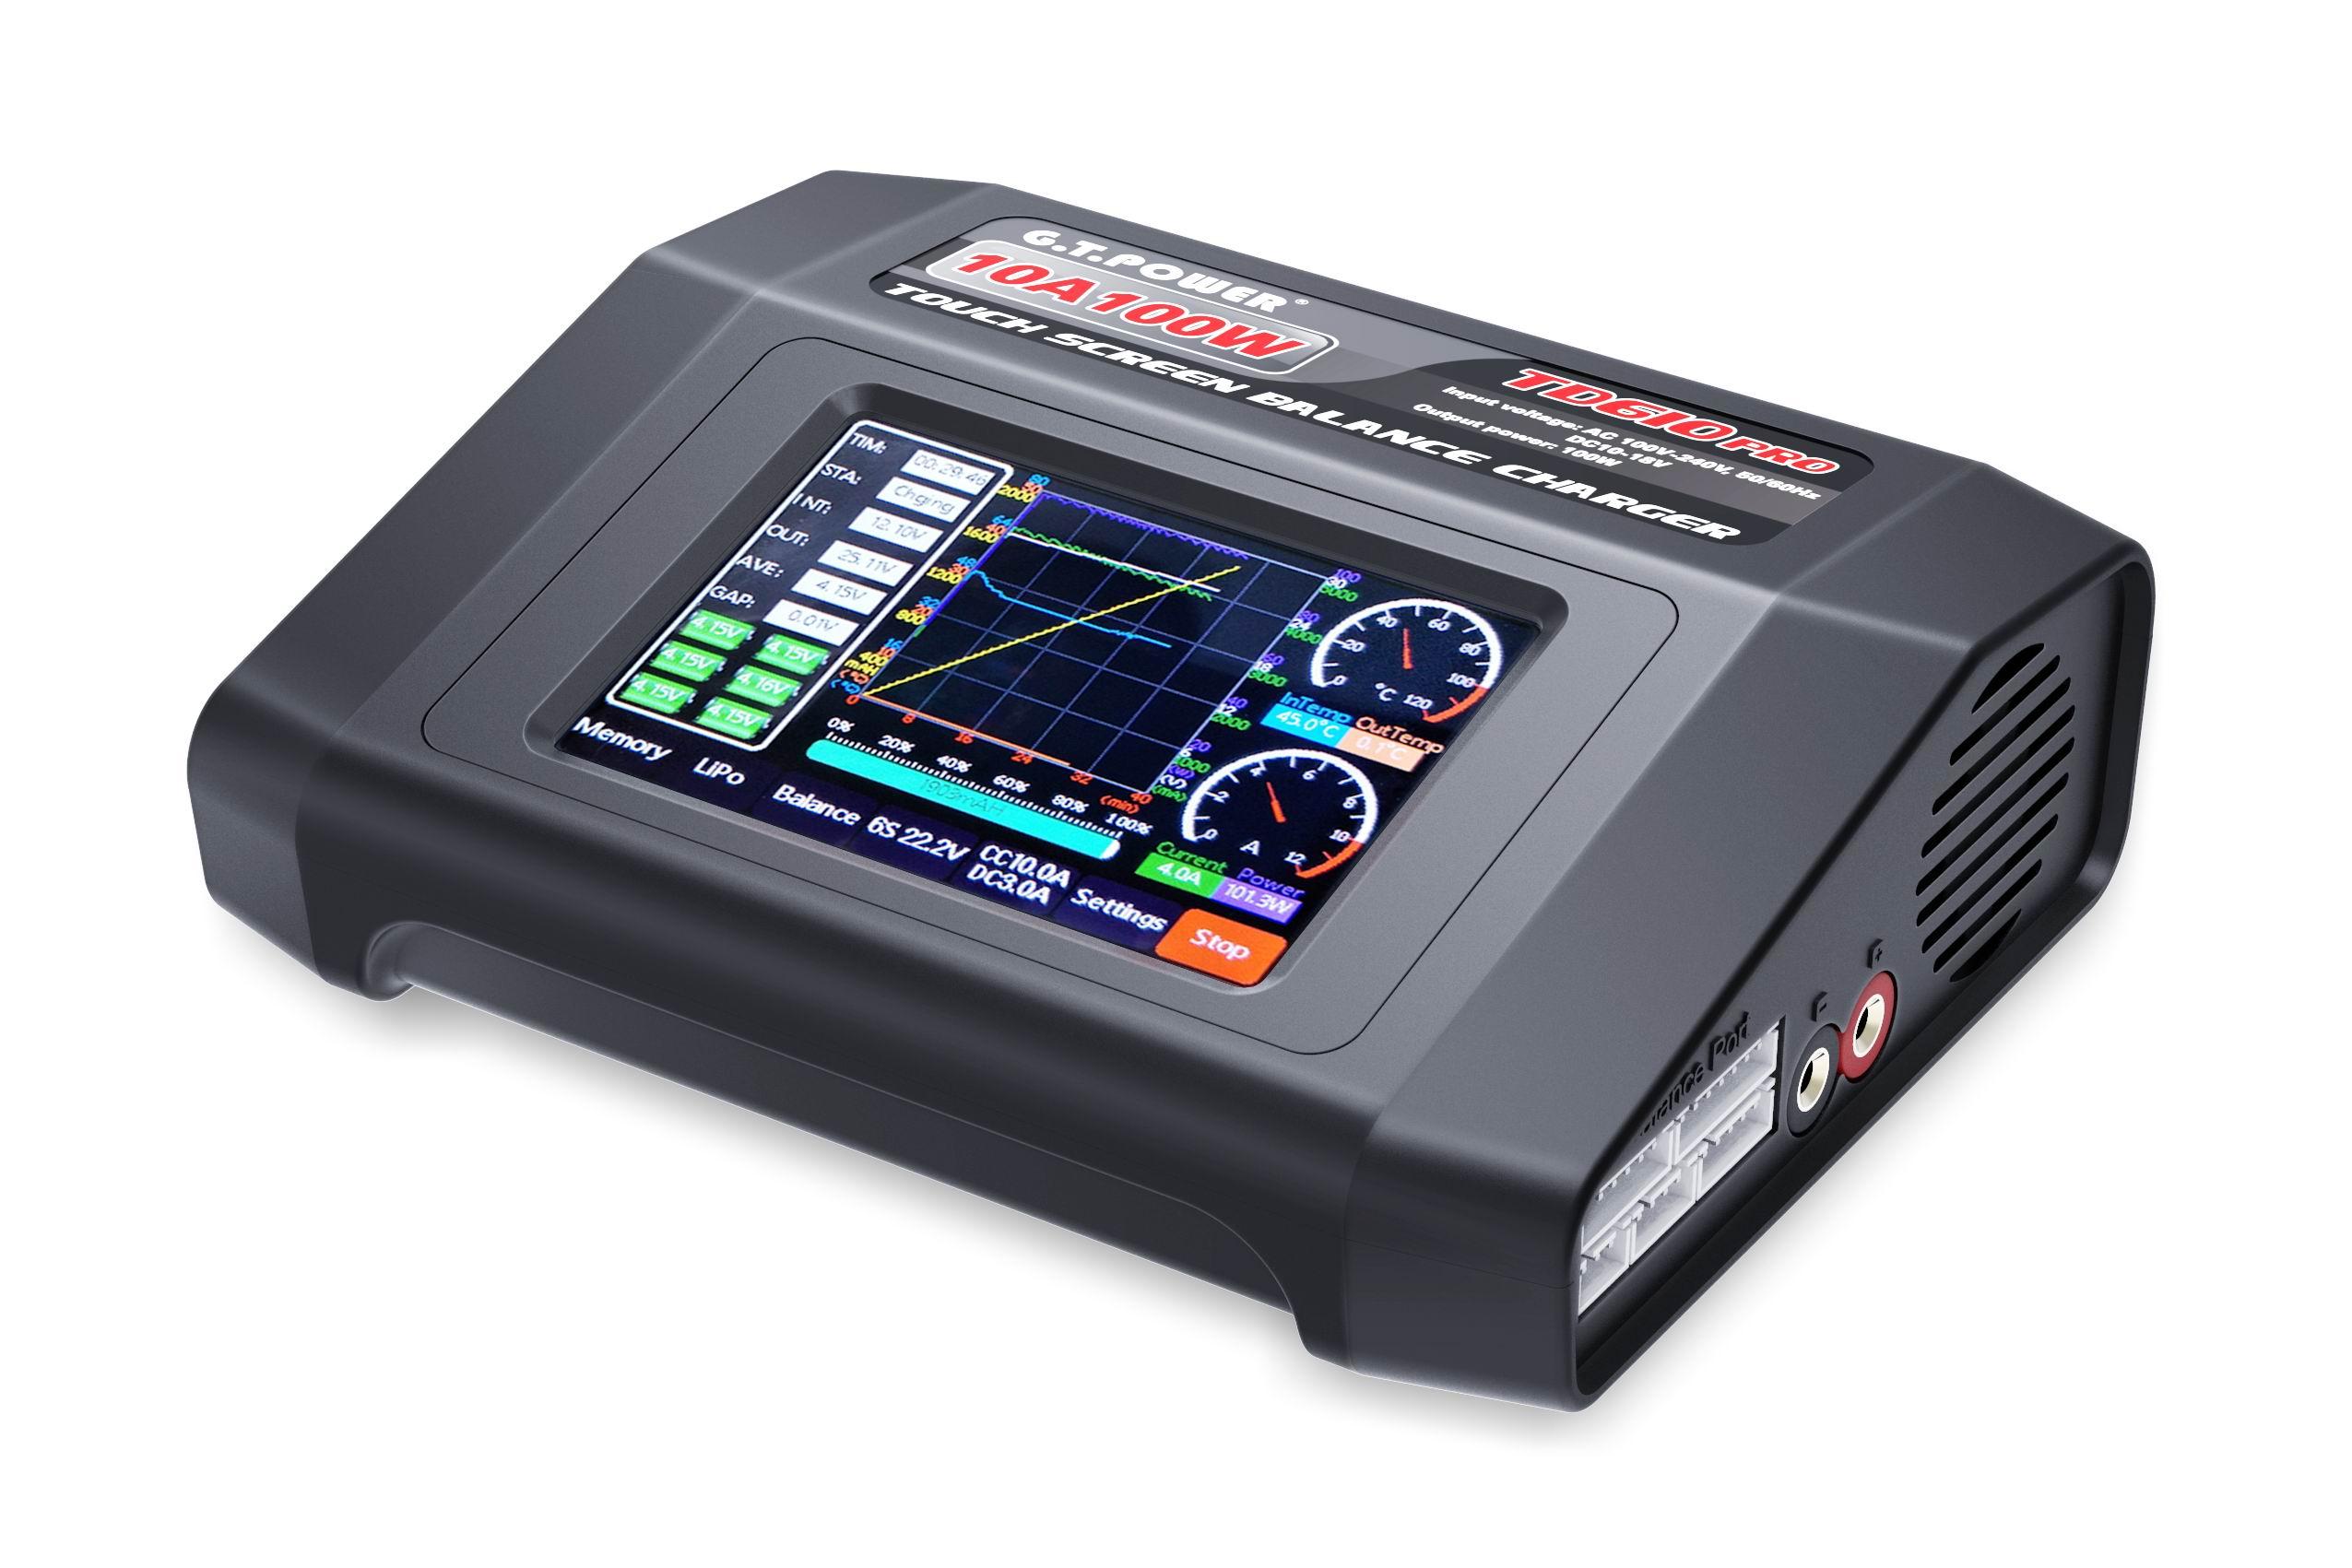 Зарядное устройство JMT GTP TD610 PRO, 100-240 В переменного тока, цветной сенсорный экран, 100 Вт, 10 А, для 1-6S LiPo Lilon LiFe LiHV 1-14S NiCd NiMH